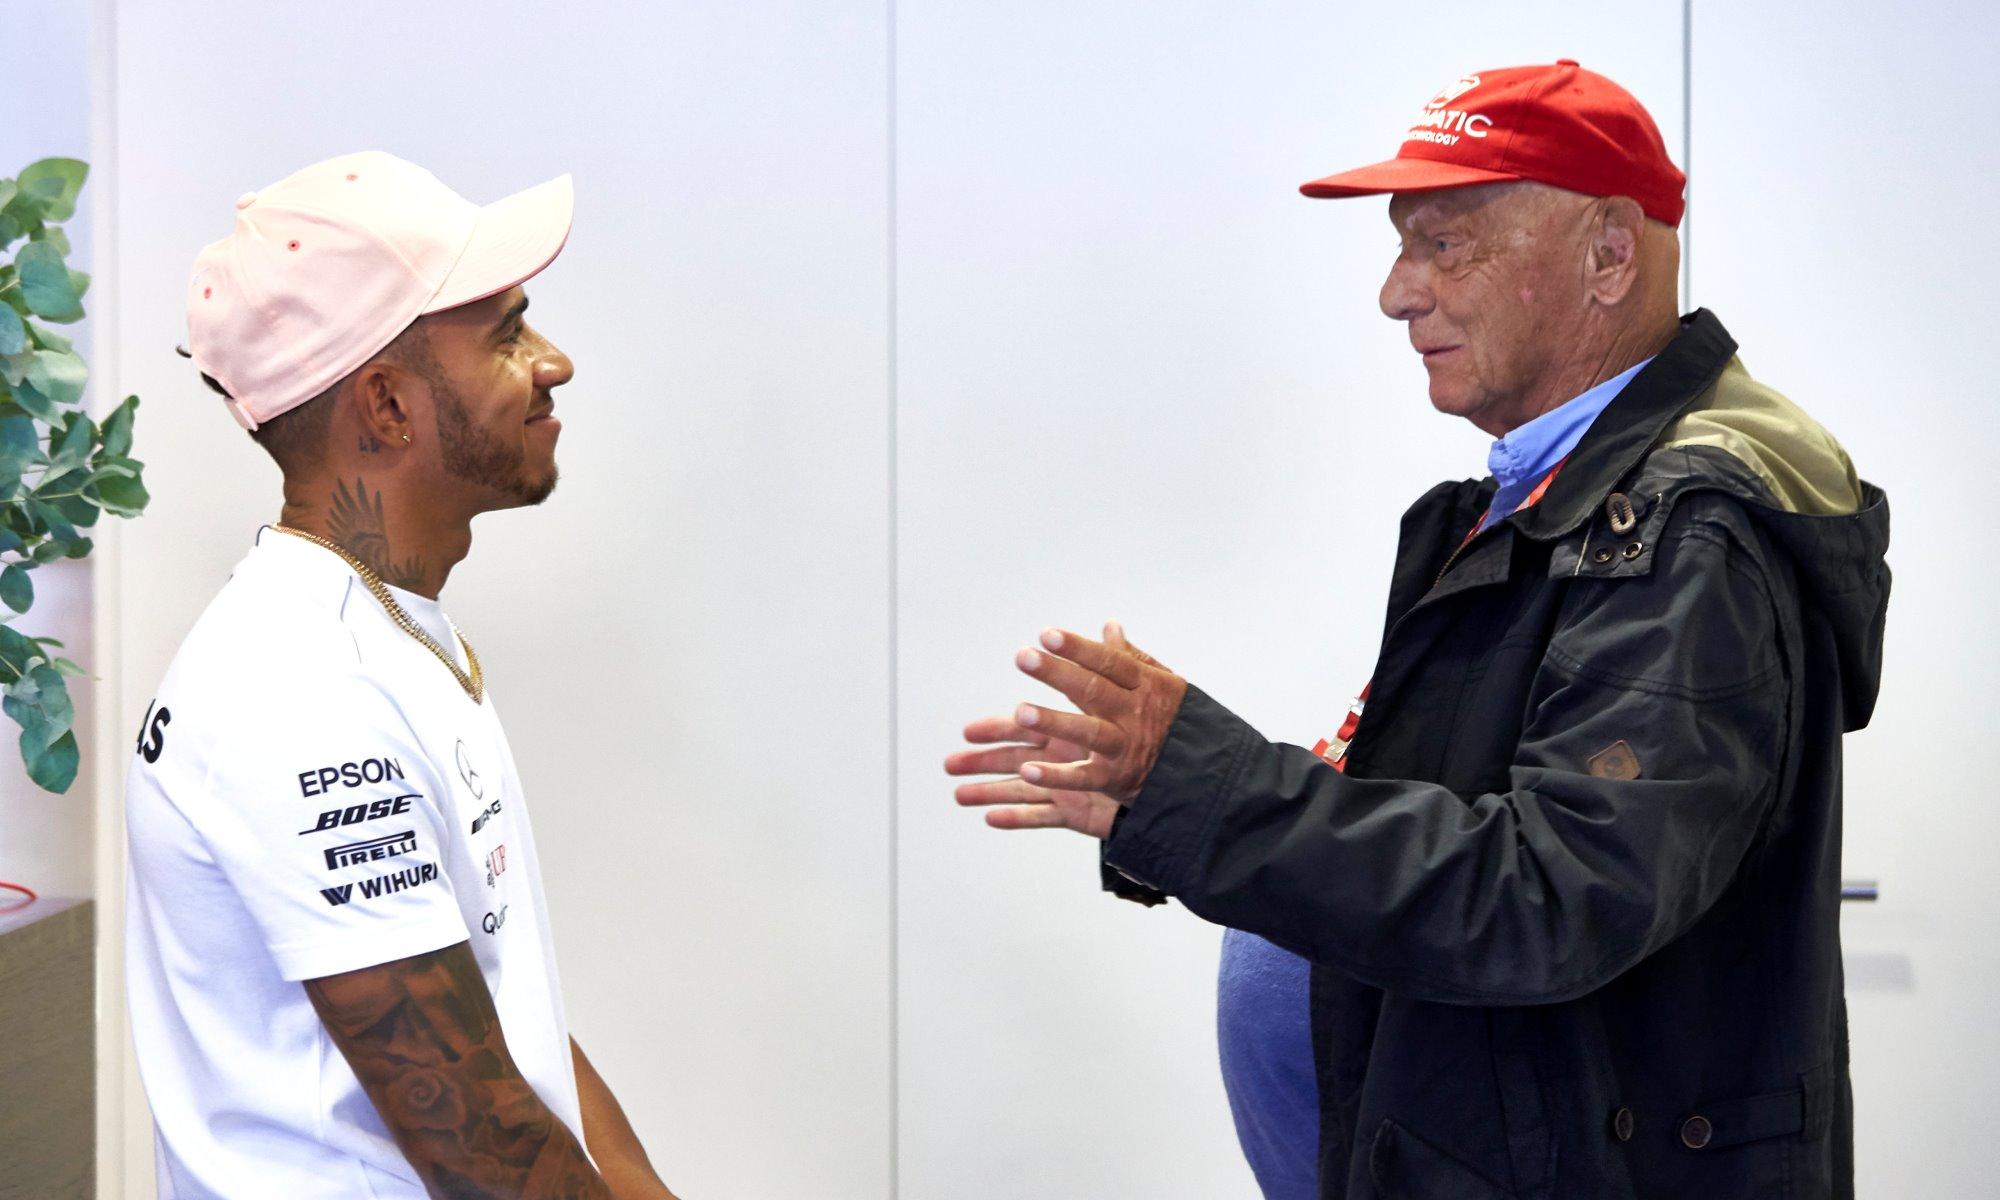 Lewis Hamilton and Lauda